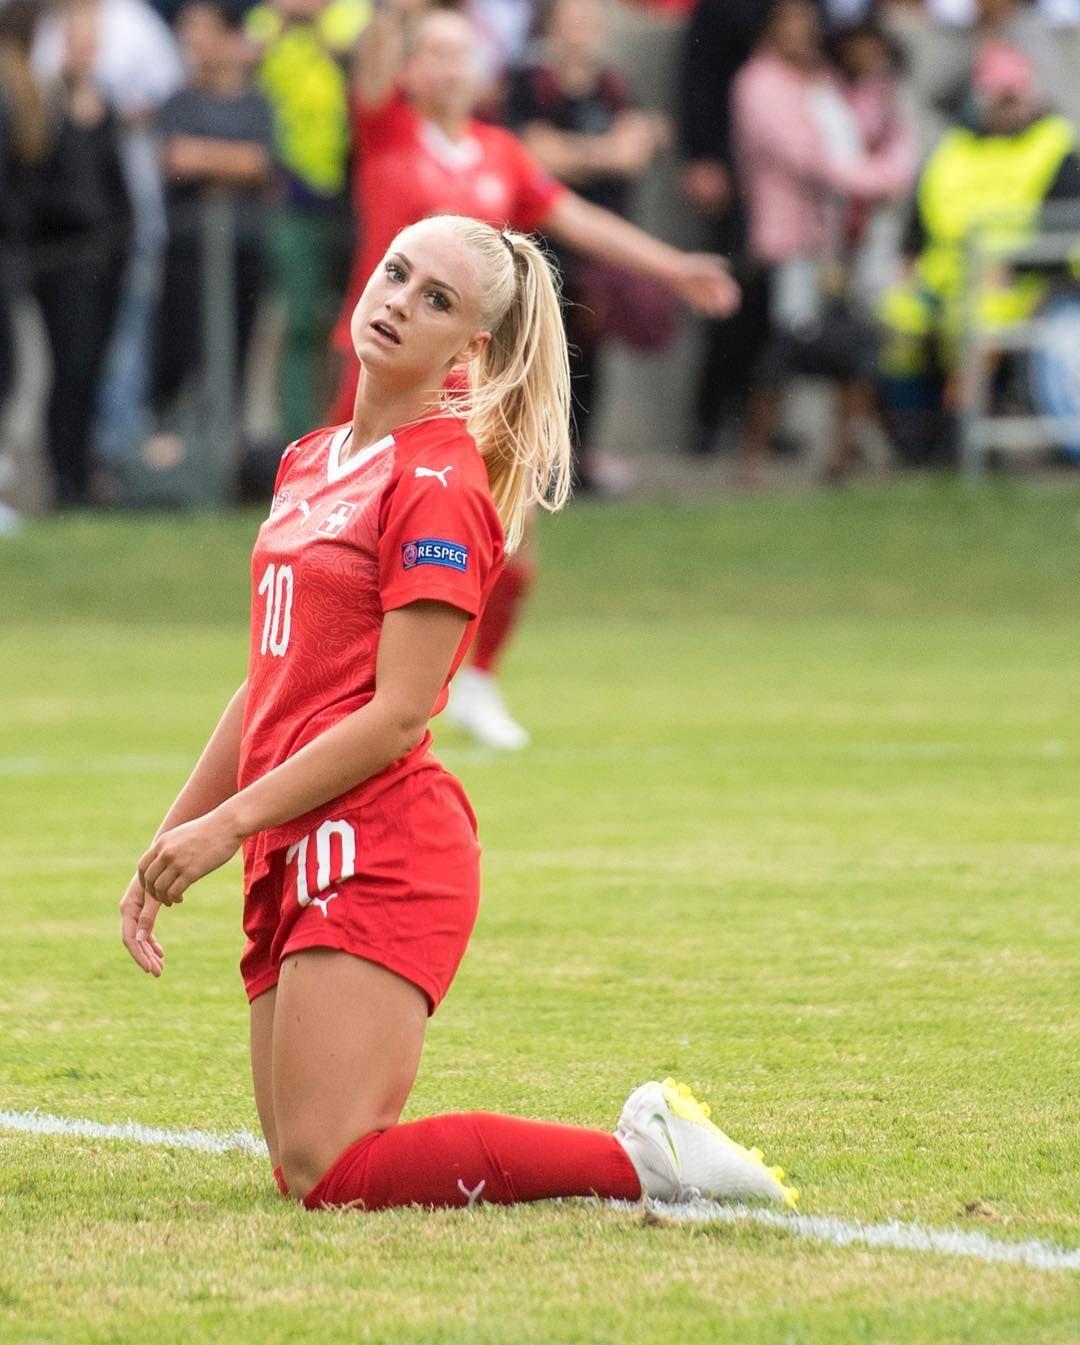 Pin On Women In Sports